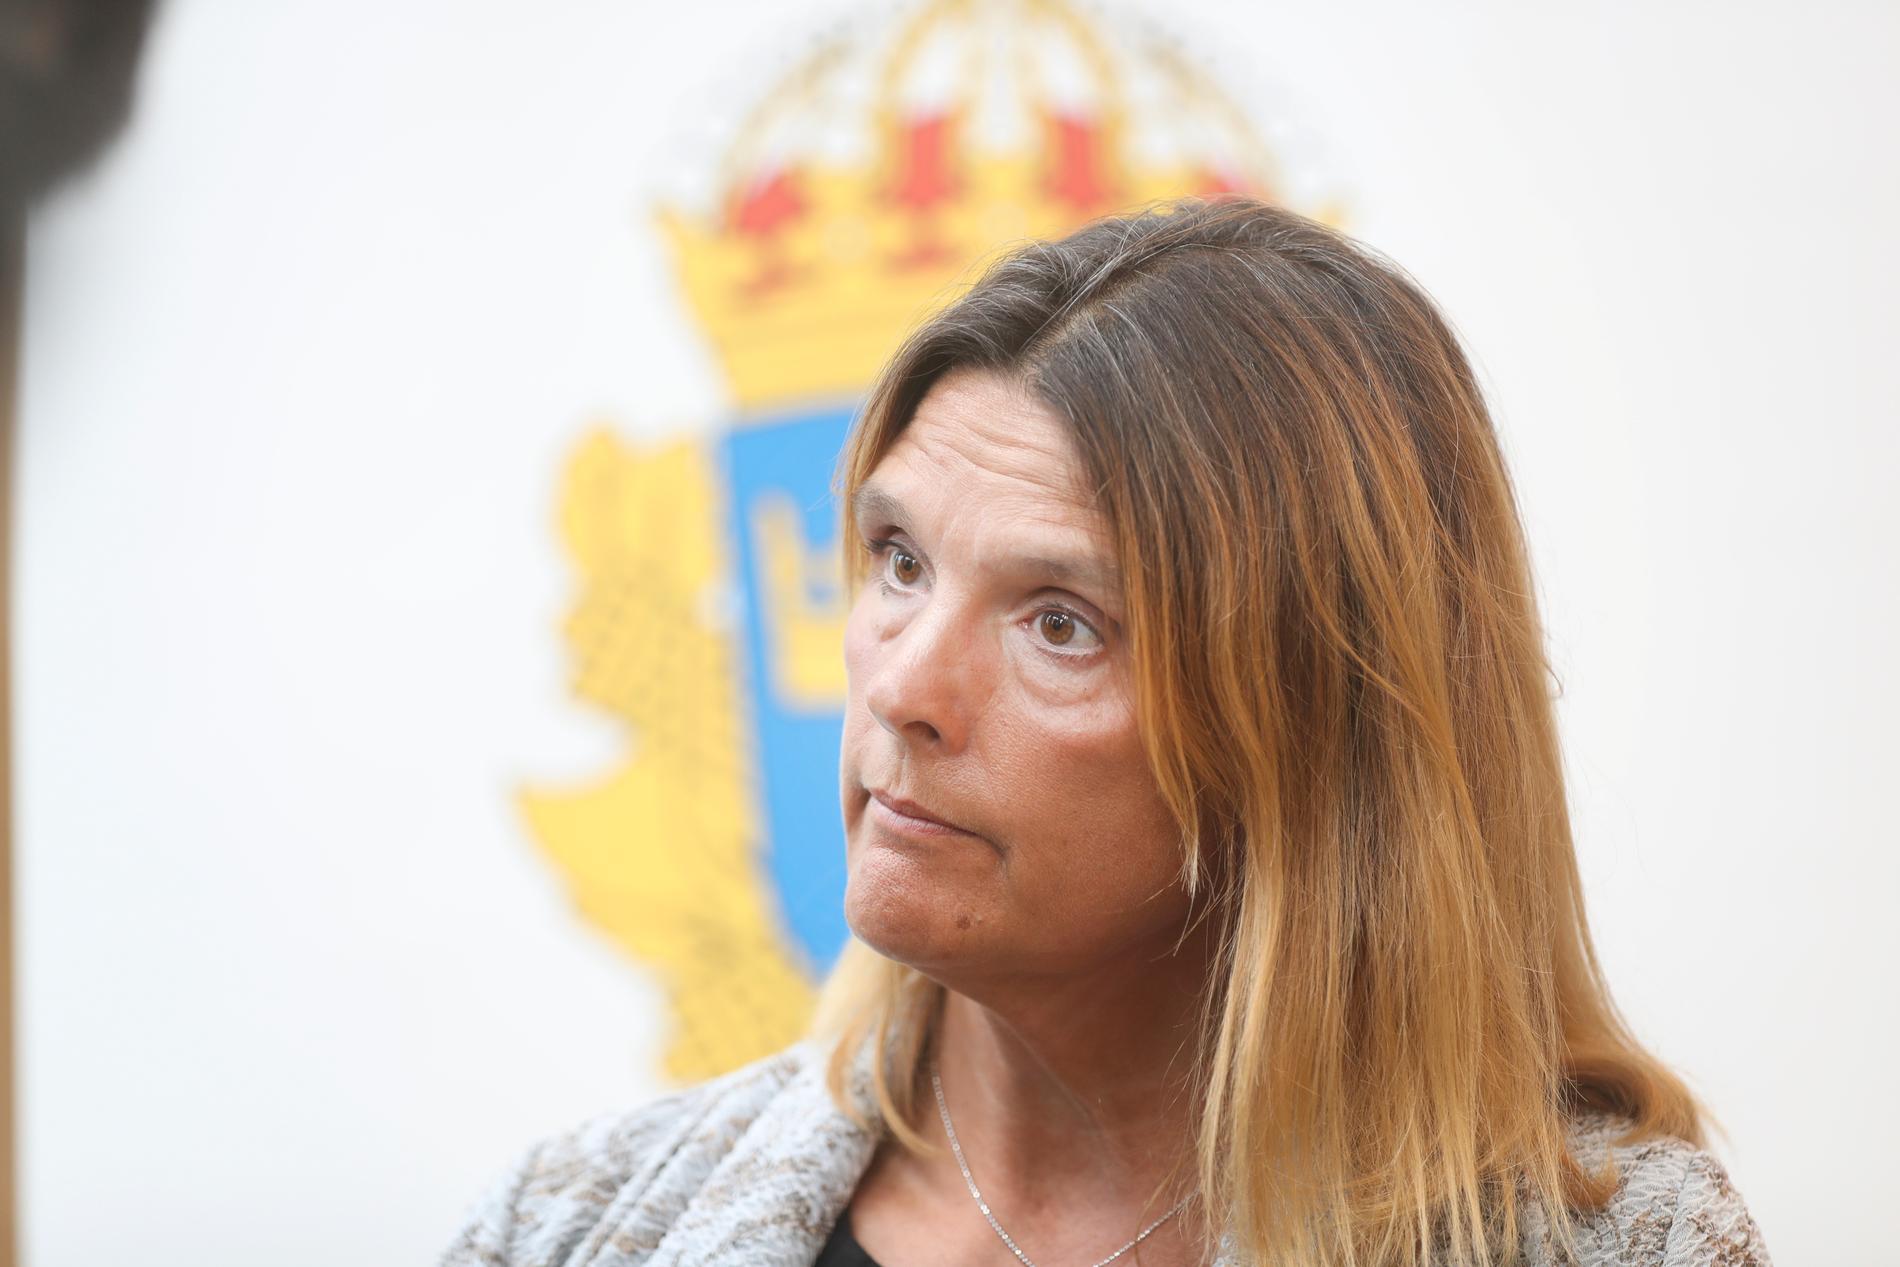 """""""Folkrättsbrott, eller krigsbrott som det också kallas, är ett av de allra grövsta brotten, både sett internationellt och i den svenska lagstiftningen"""", säger åklagare Kristina Lindhoff Carleson som nu åtalar mannen vid Stockholms tingsrätt. Arkivbild."""